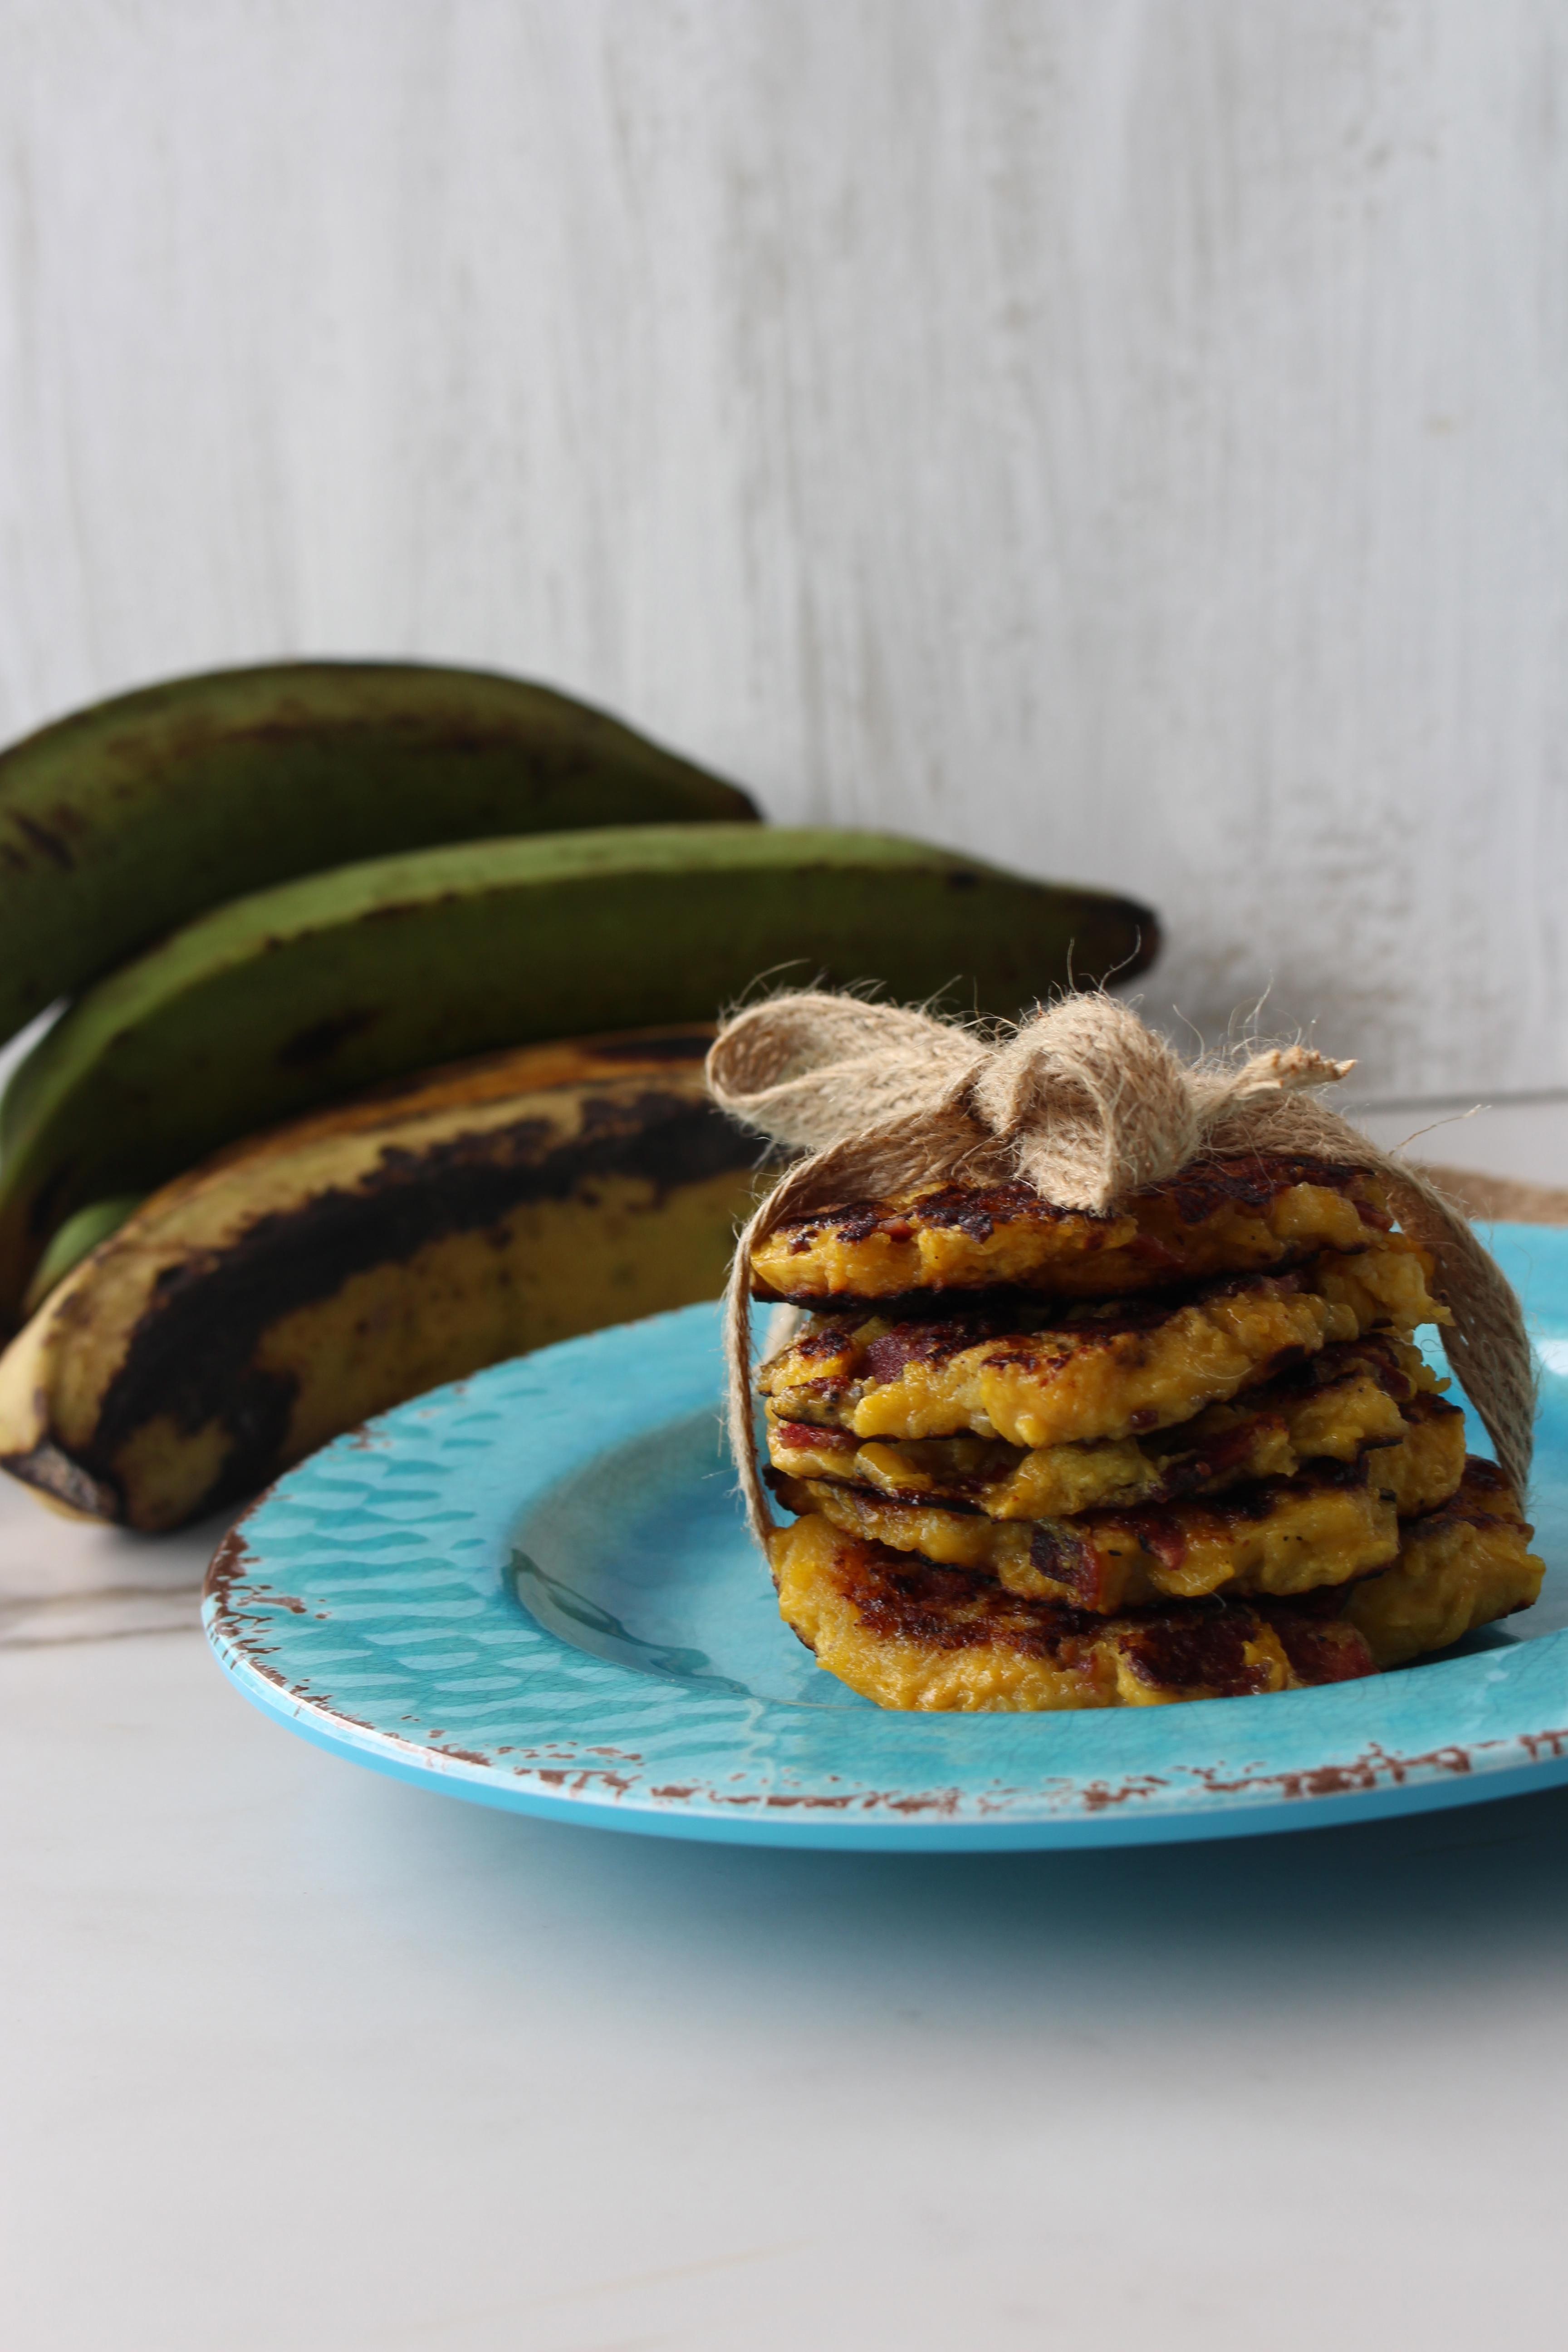 Arepitas de plátano